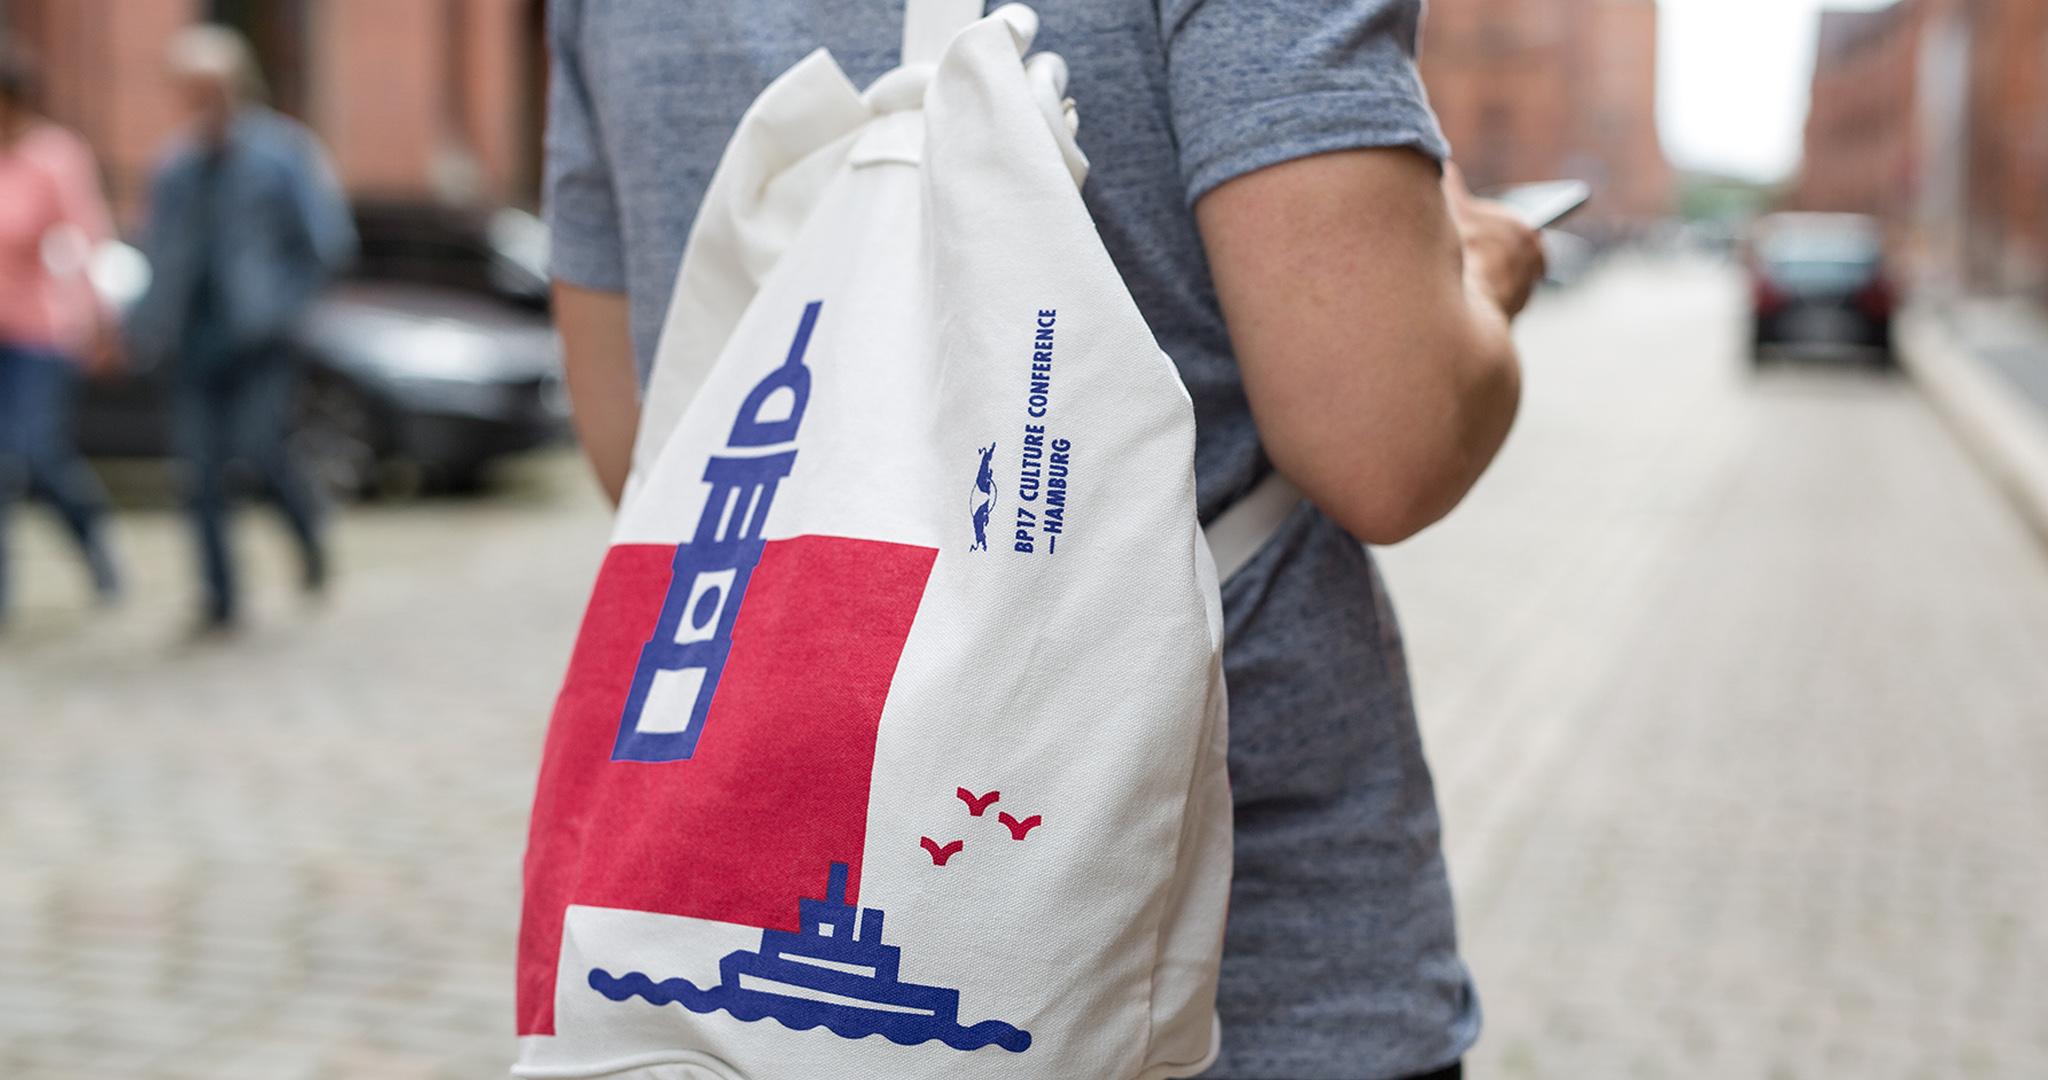 vsm-studio-red-bull-sailors-bag